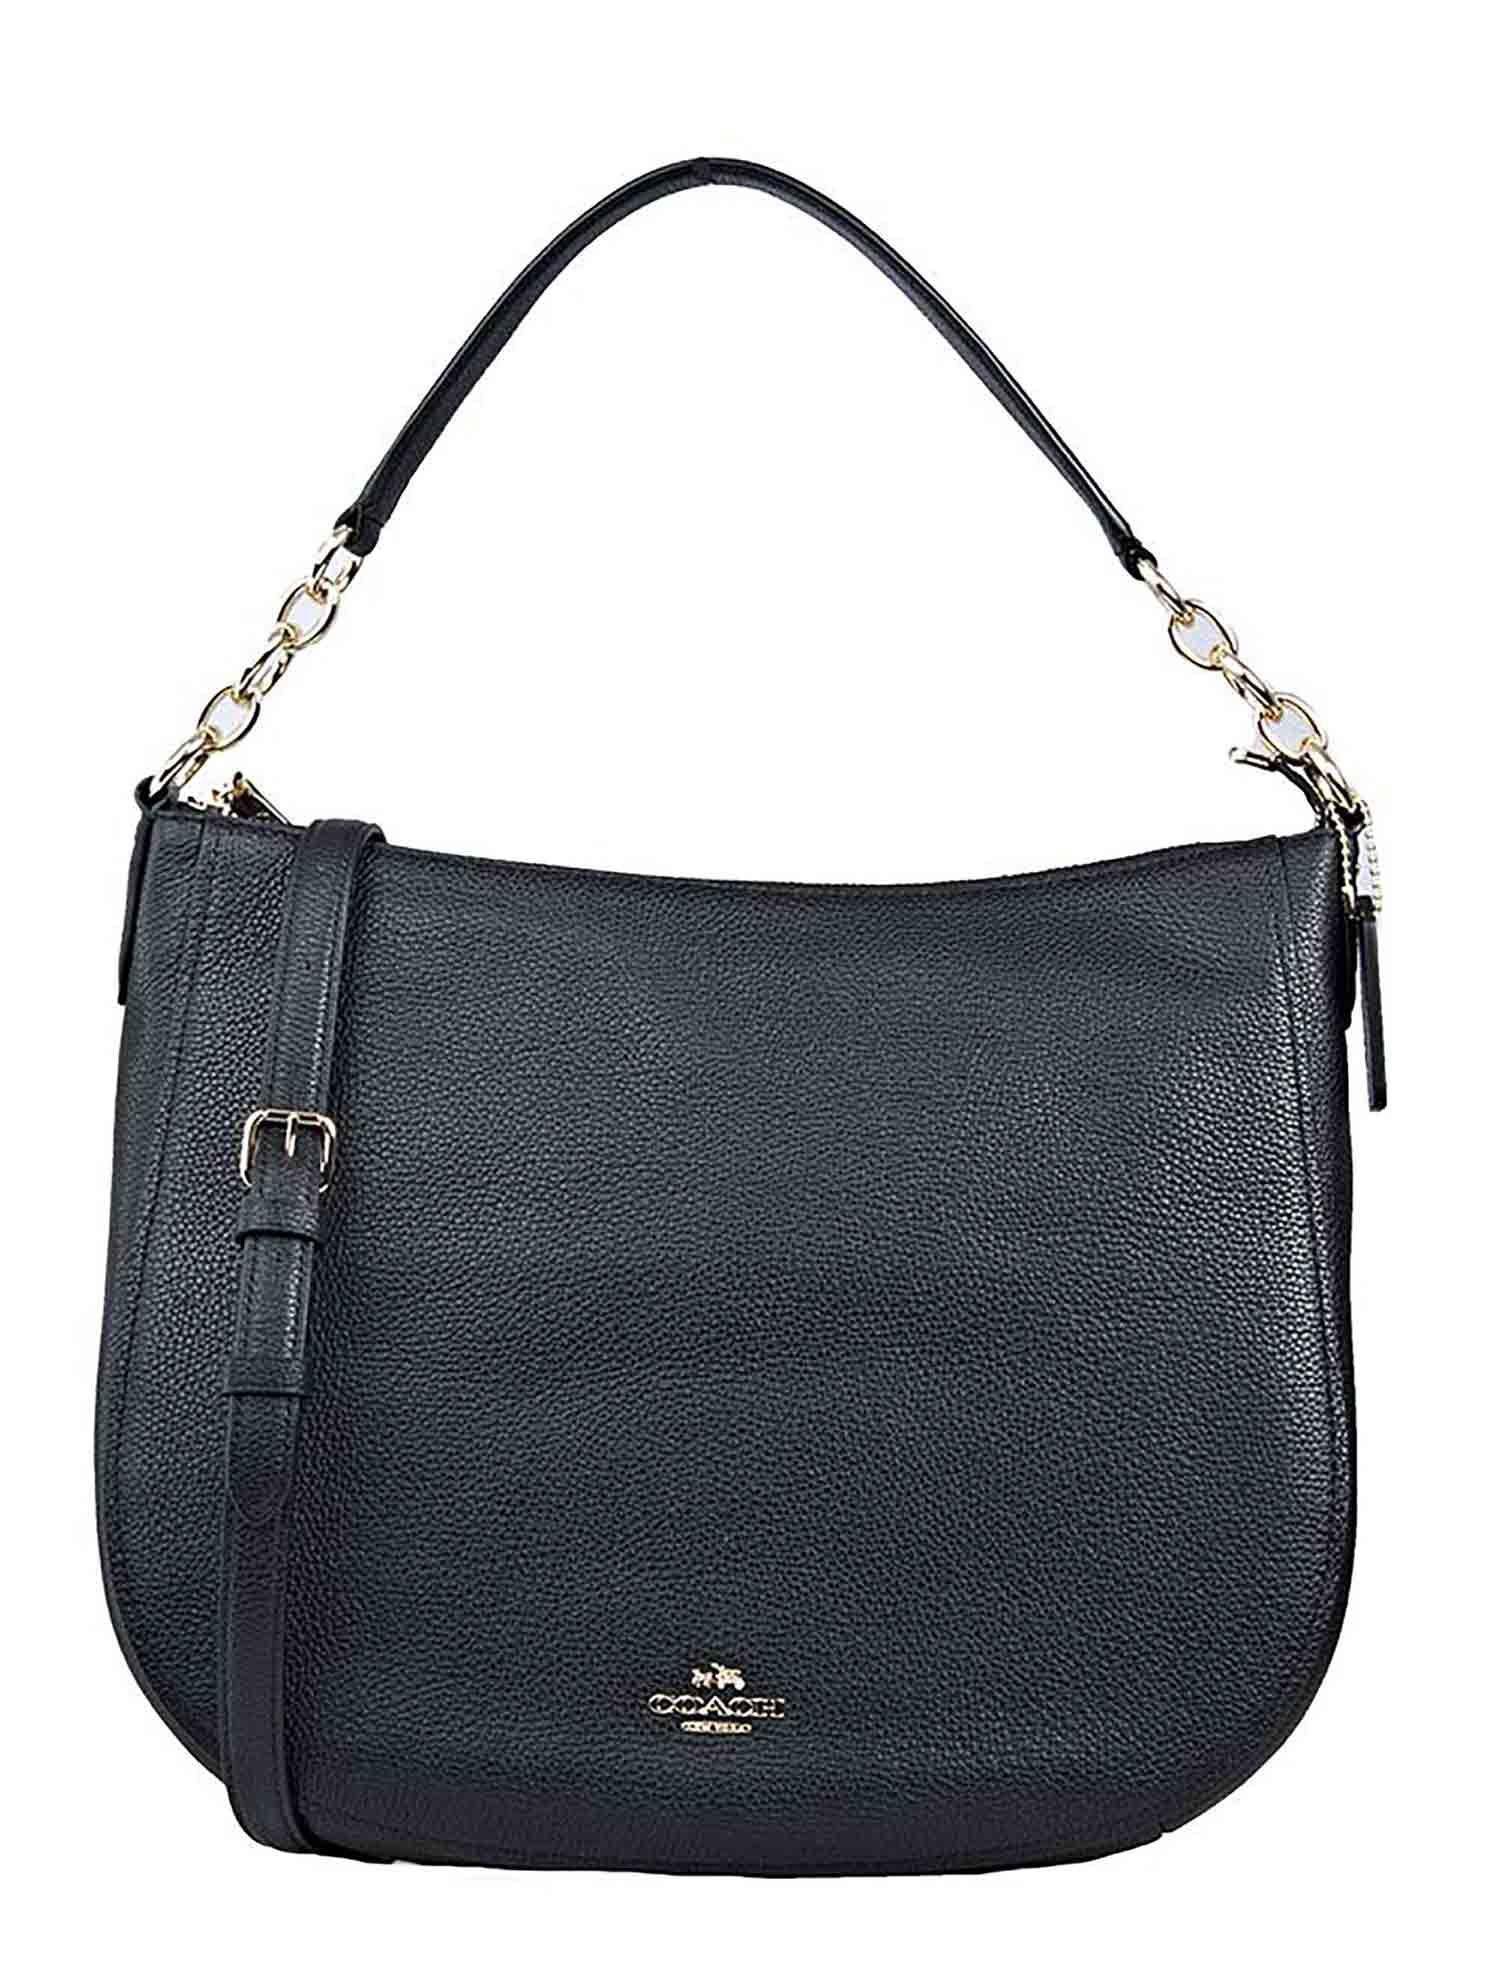 2feb1b602d7c ... get chelsea hobo shoulder bag black chelsea shoulder bags and coach bags  dc150 00d6d